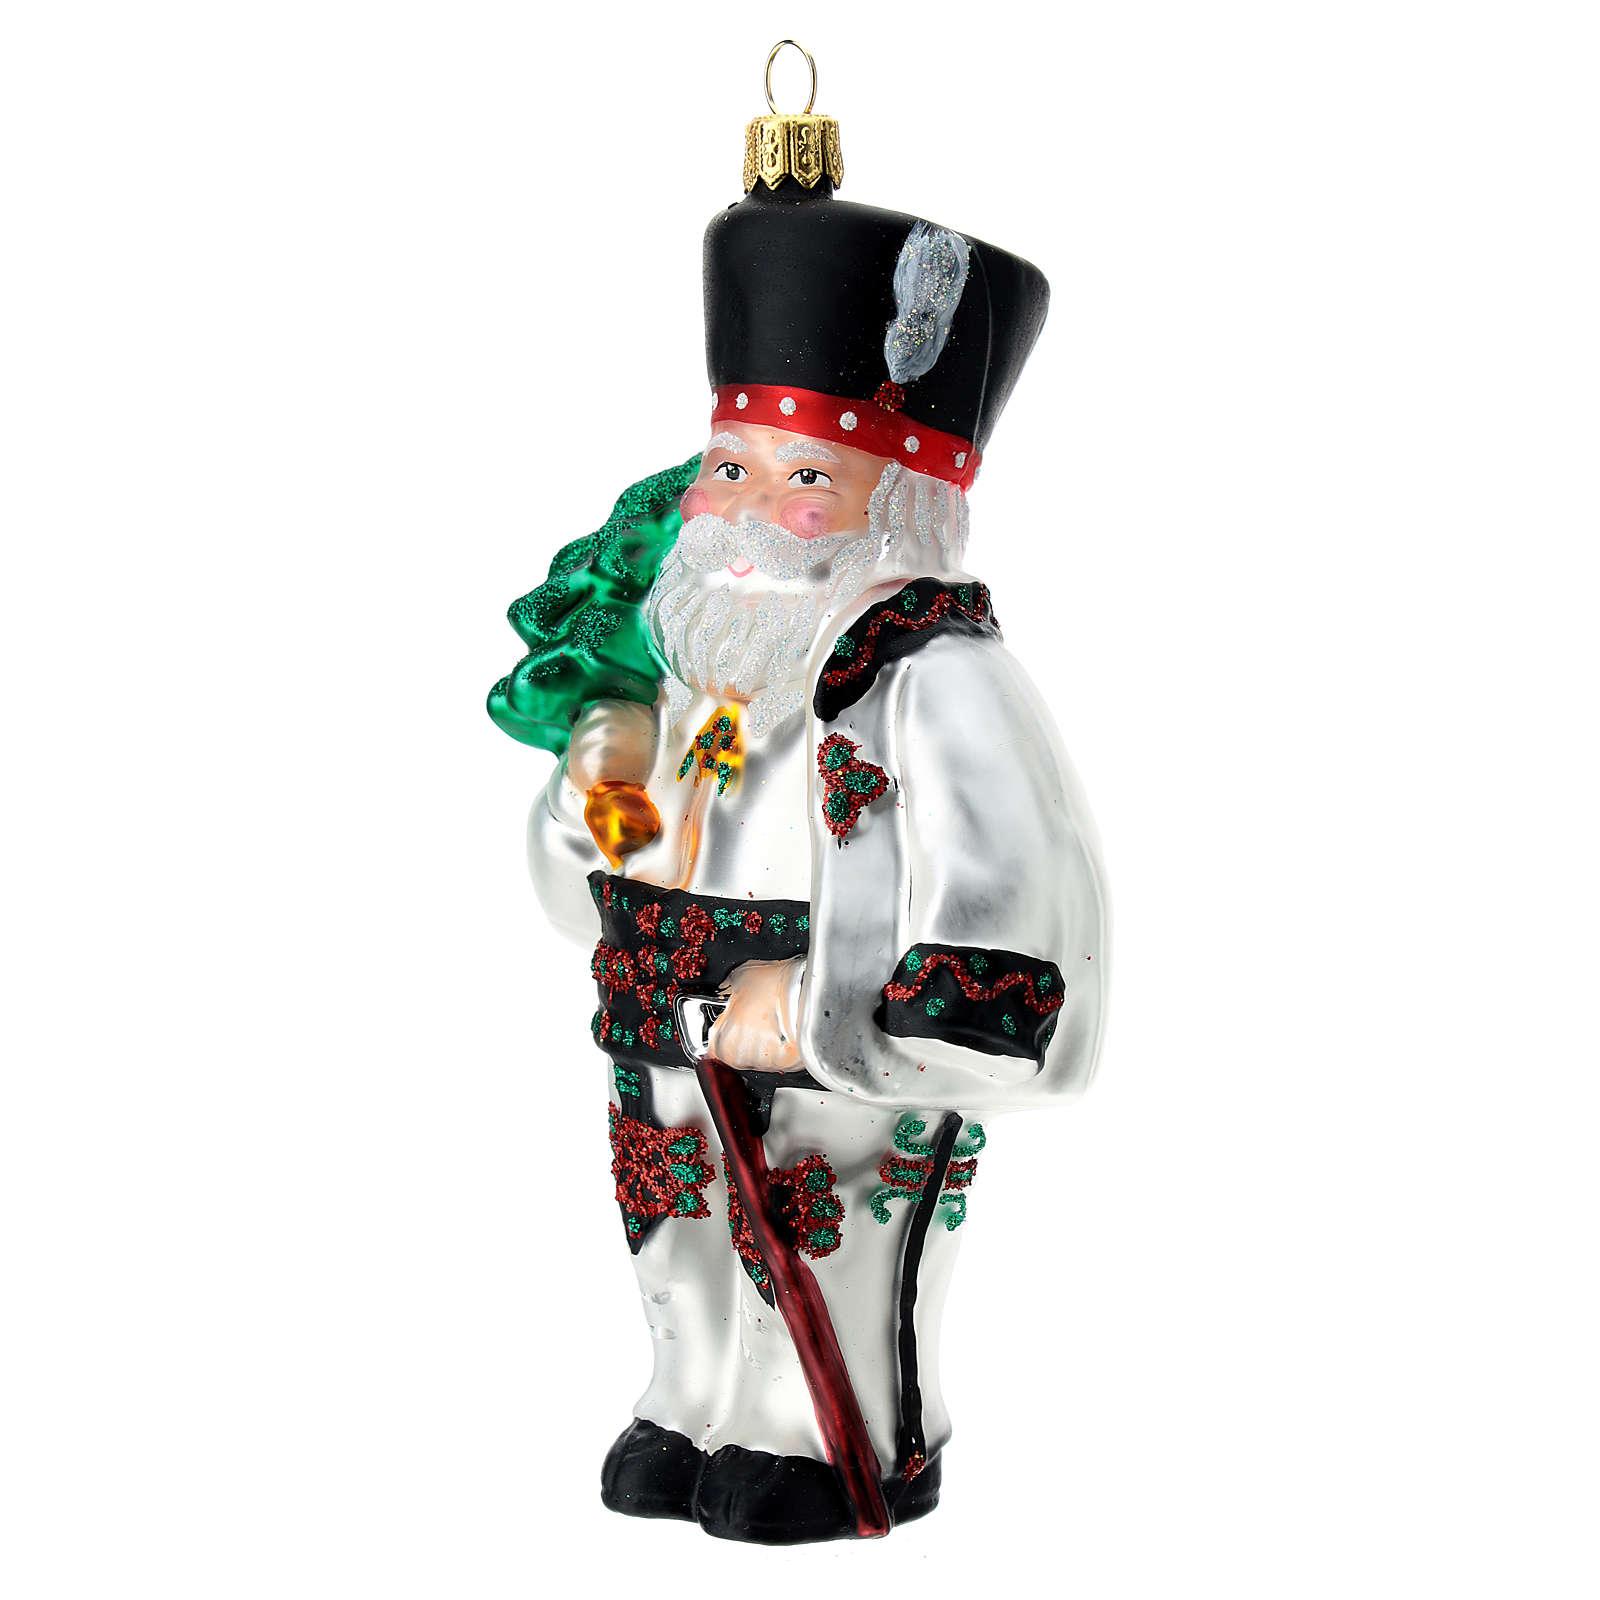 Blown glass Christmas ornament, Santa Claus in Poland 4